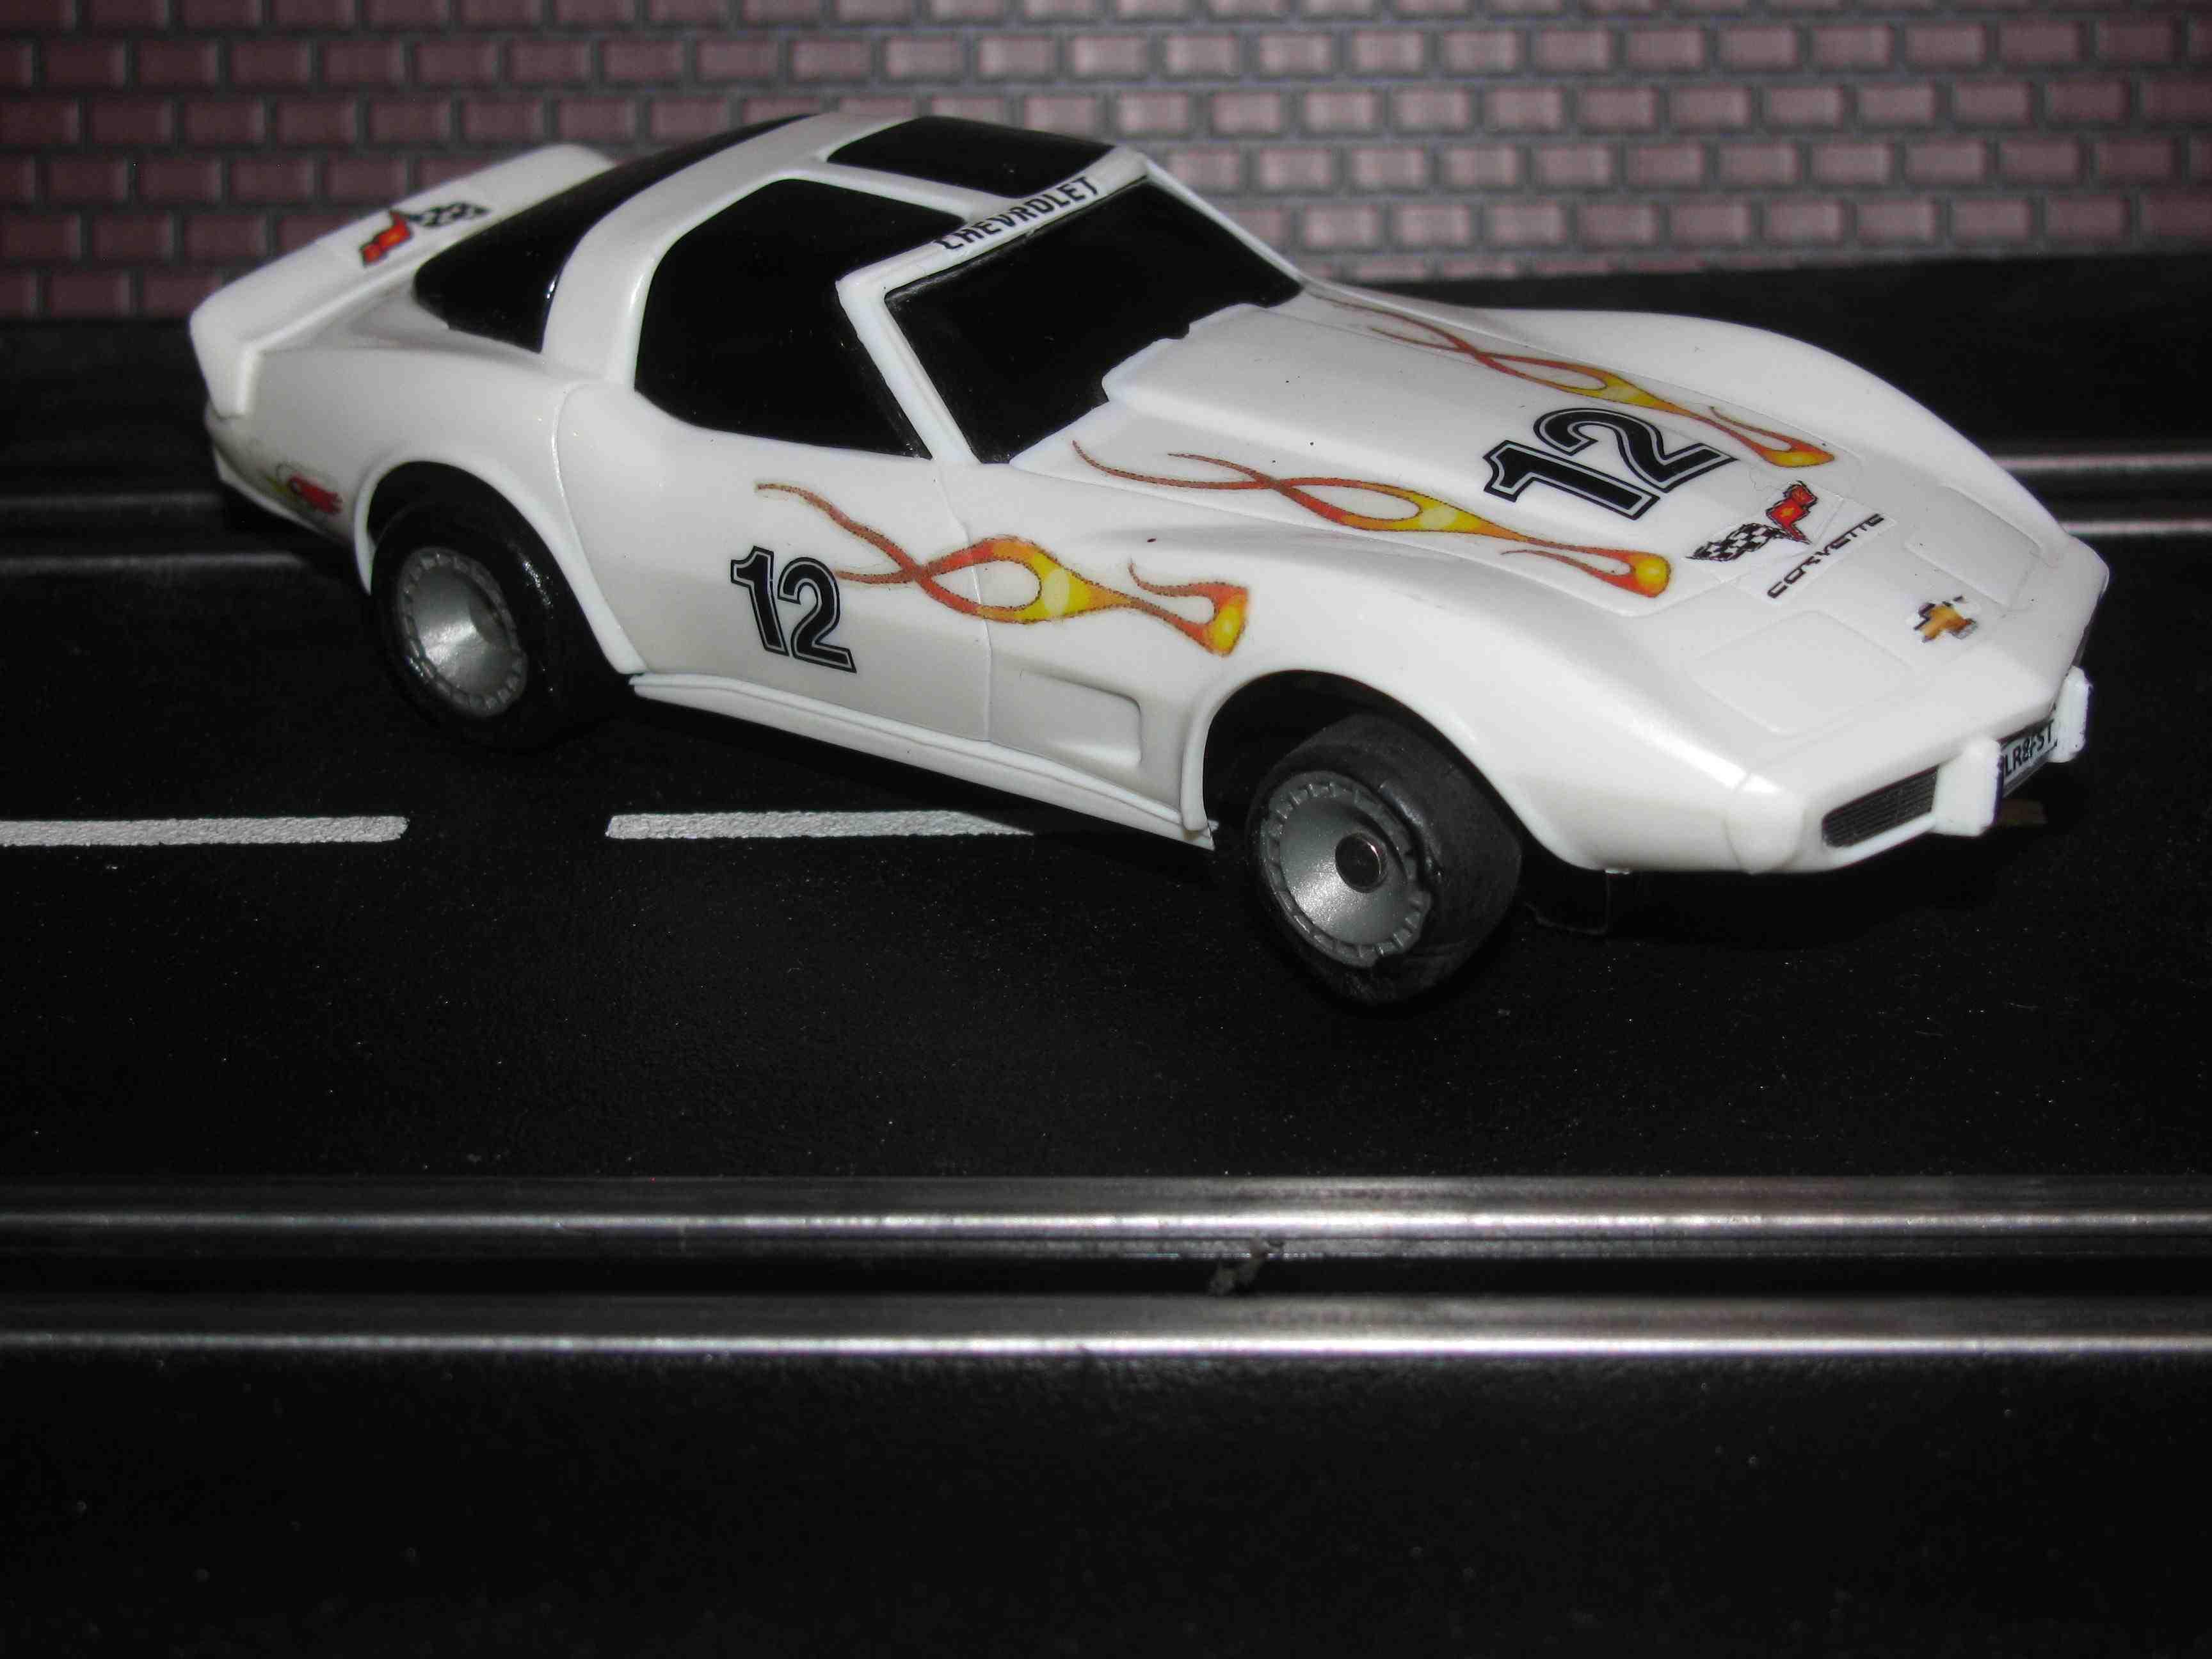 SuperTrax Bachmann Corvette Slot Car 1/32 Scale Bachmann